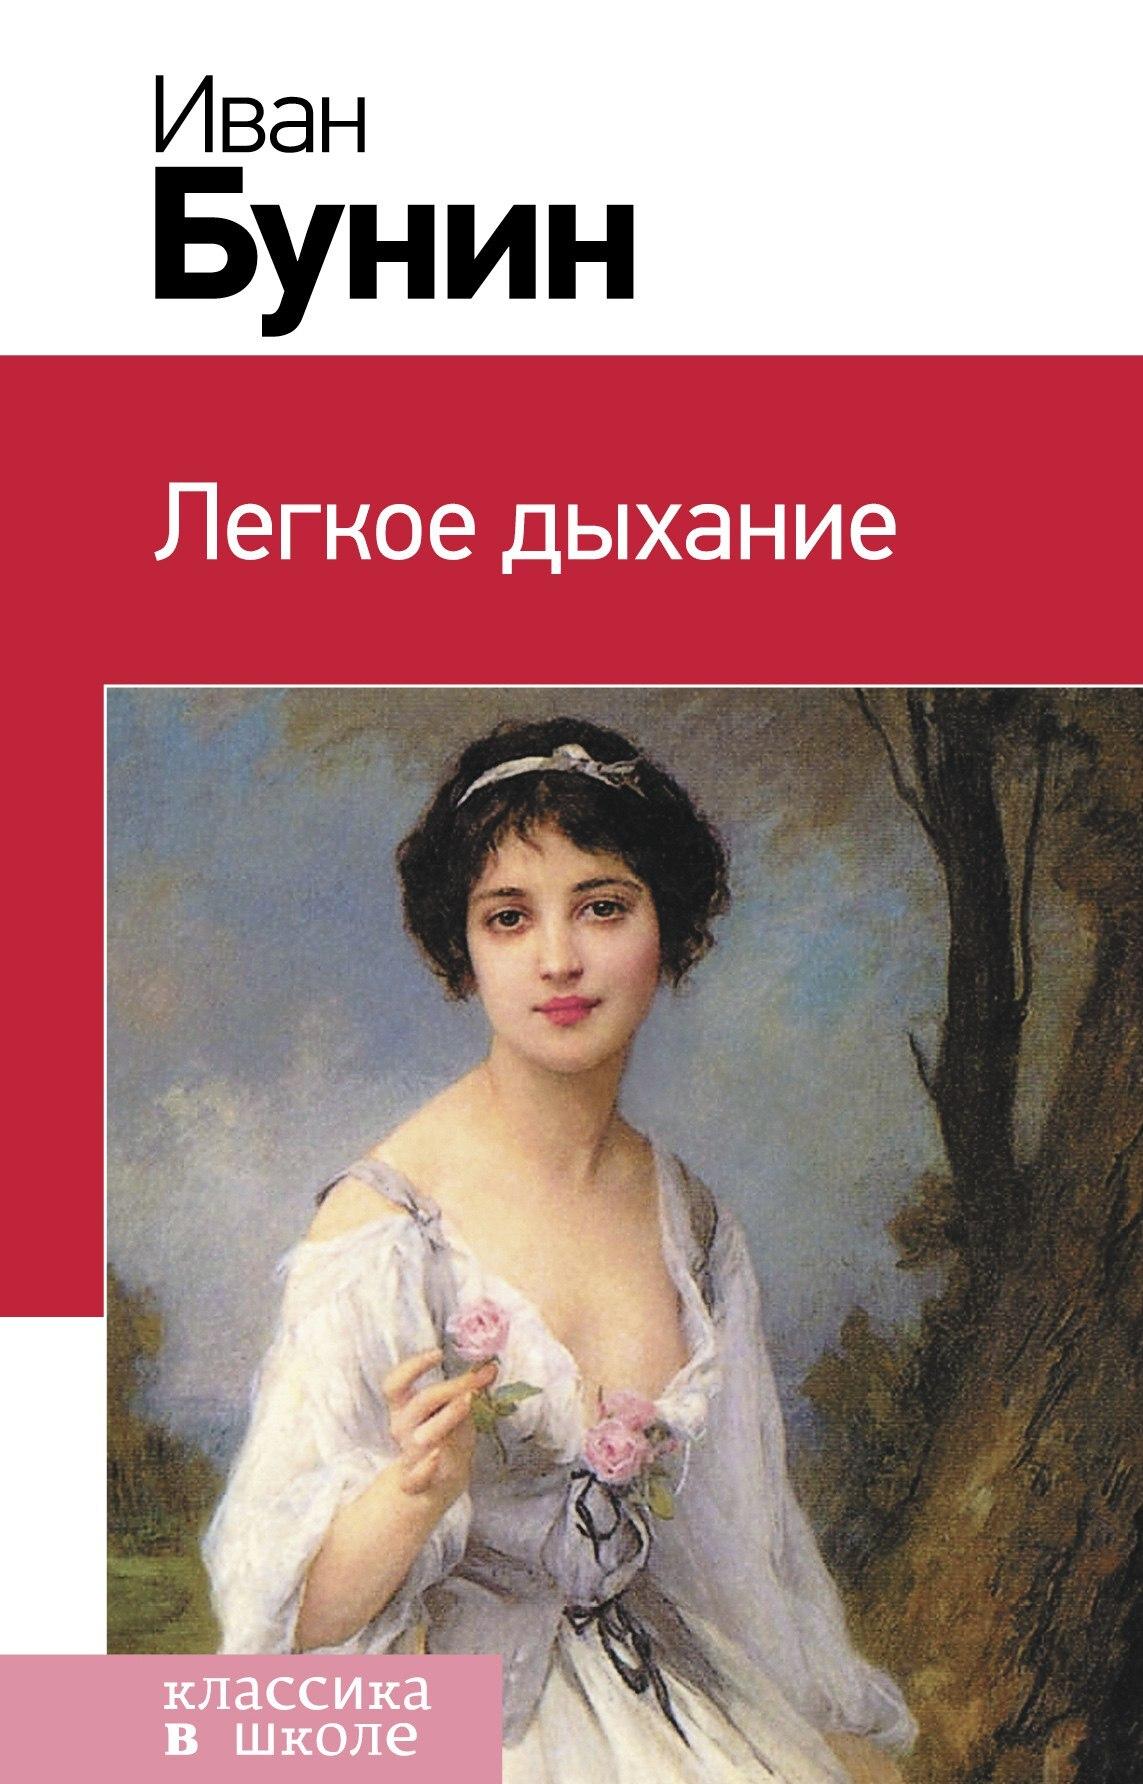 Иван Бунин Легкое дыхание аудиокнига деревня бунин слушать онлайн